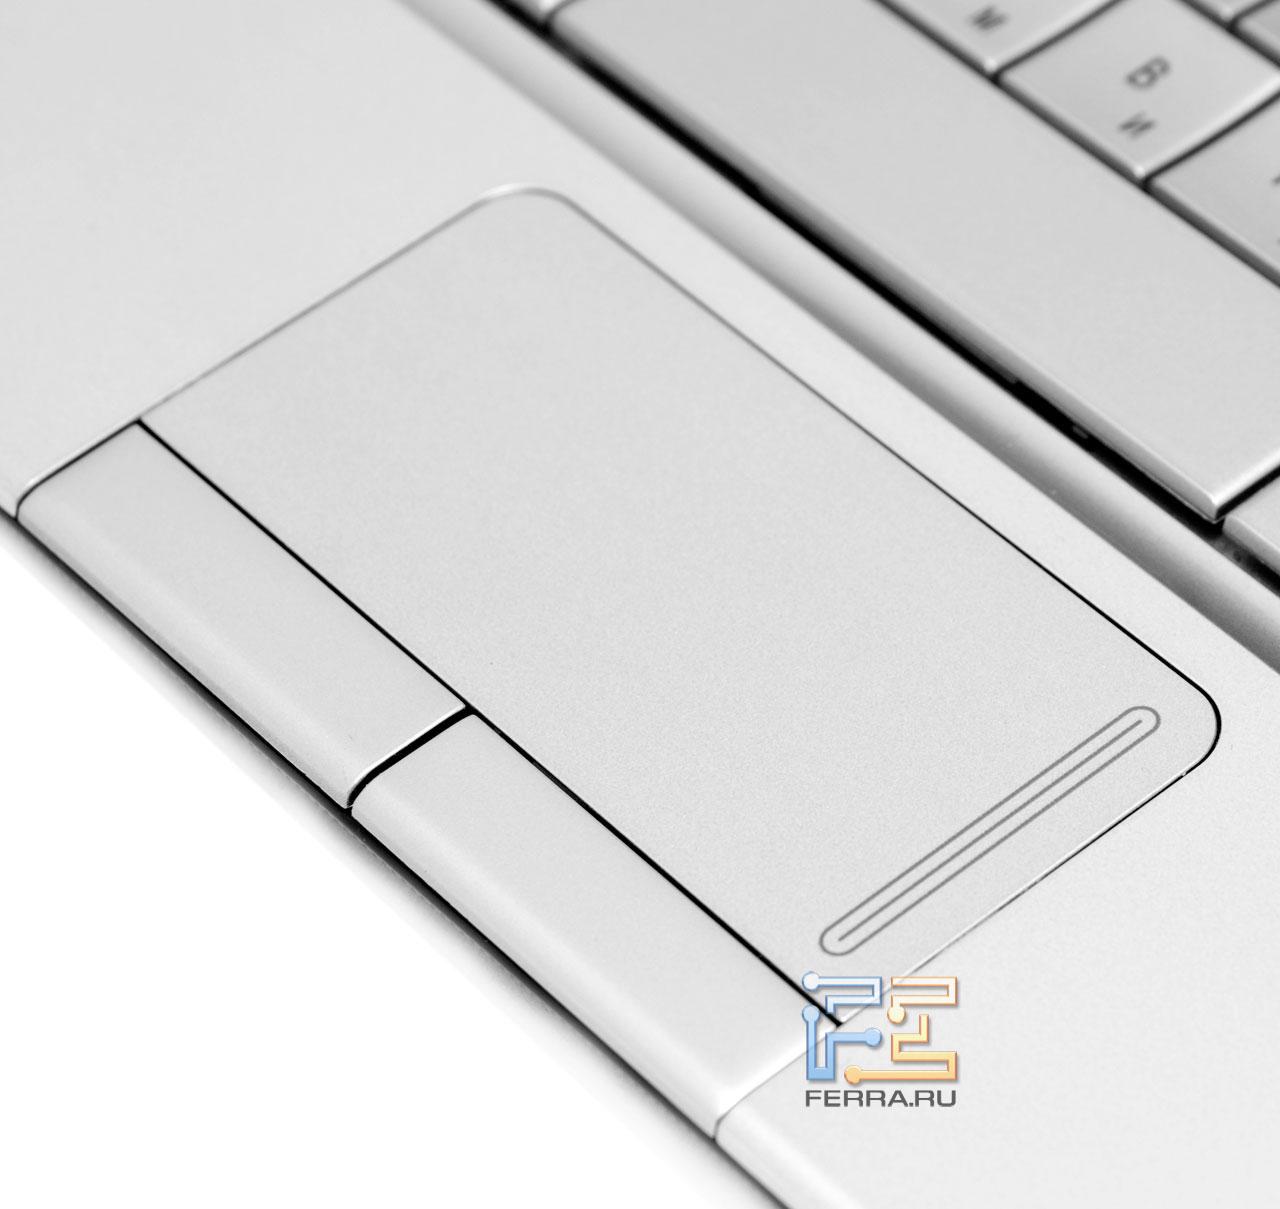 Как Перезапустить Клавиатуру На Ноутбуке